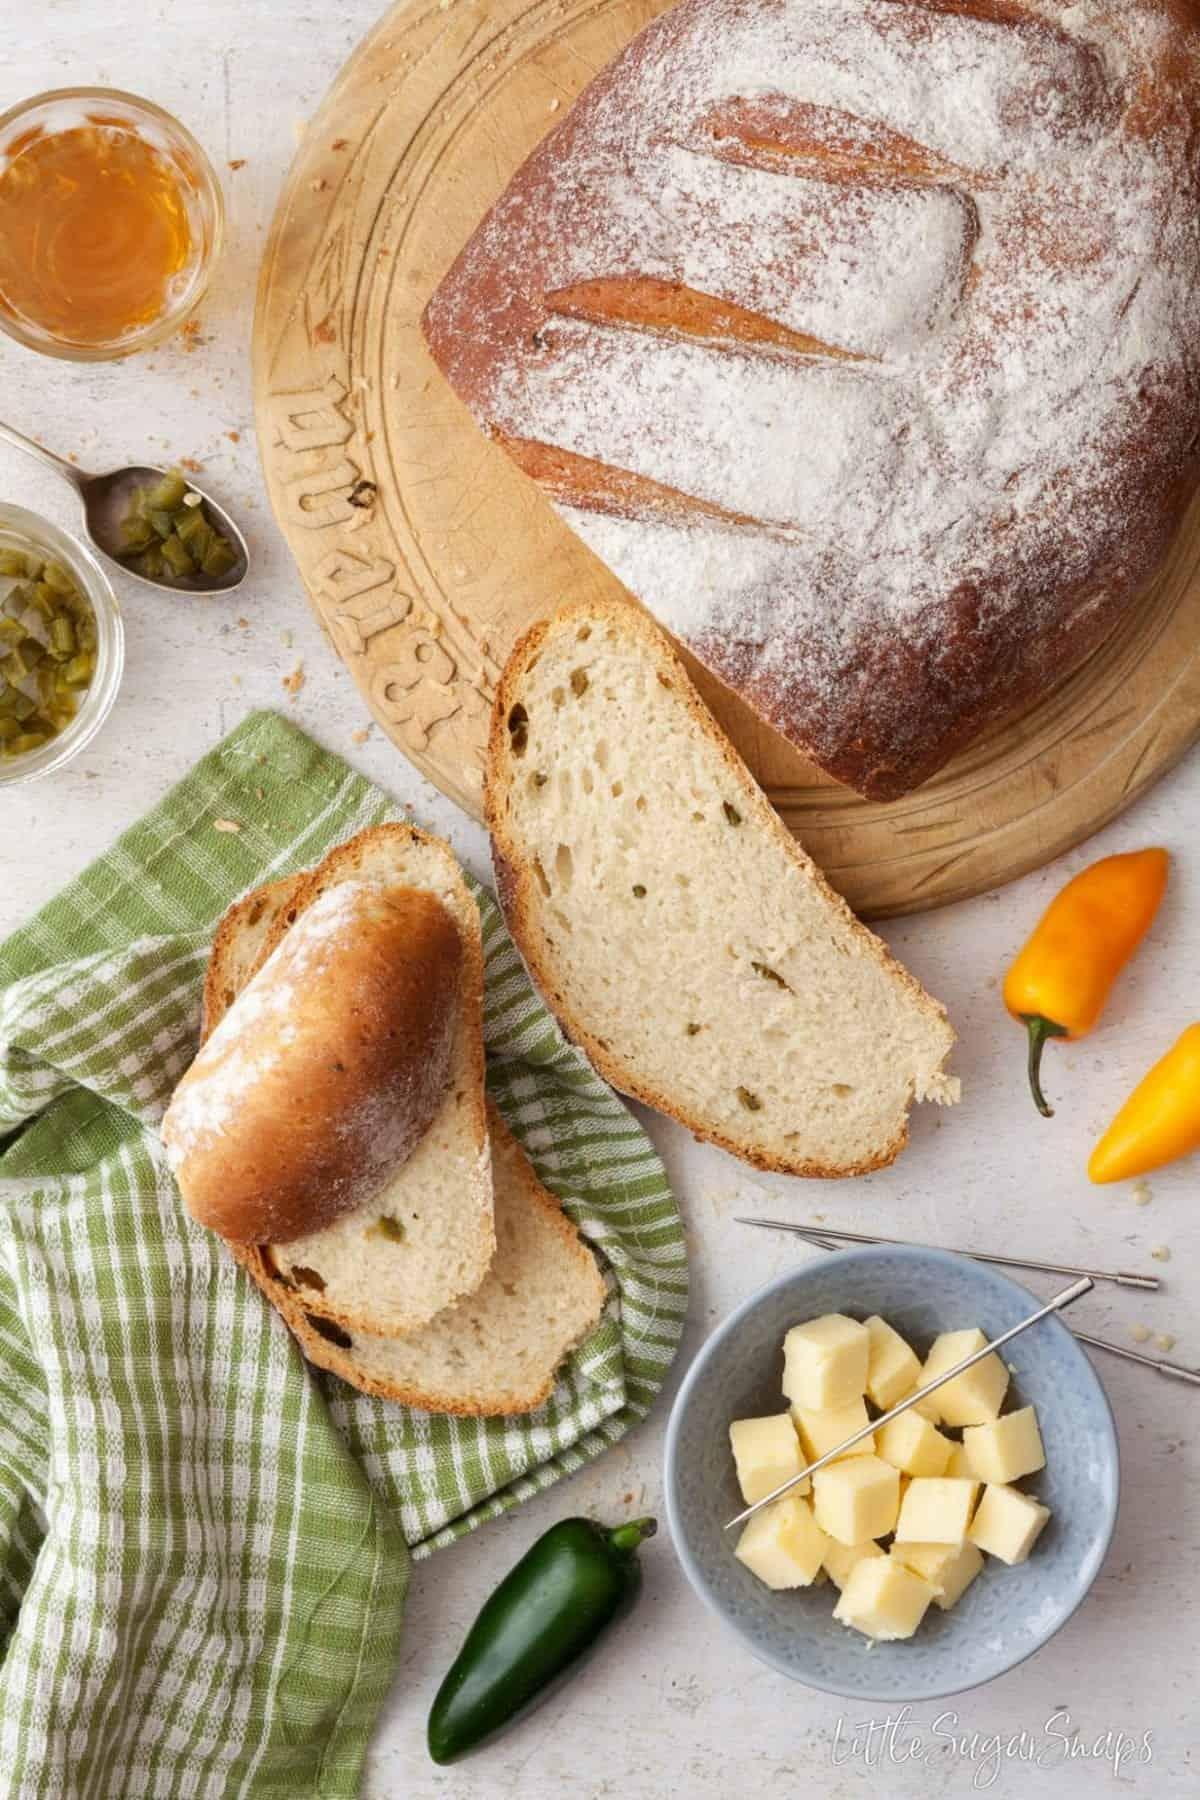 Part sliced loaf of jalapeño cheddar bread with ingredients alongside